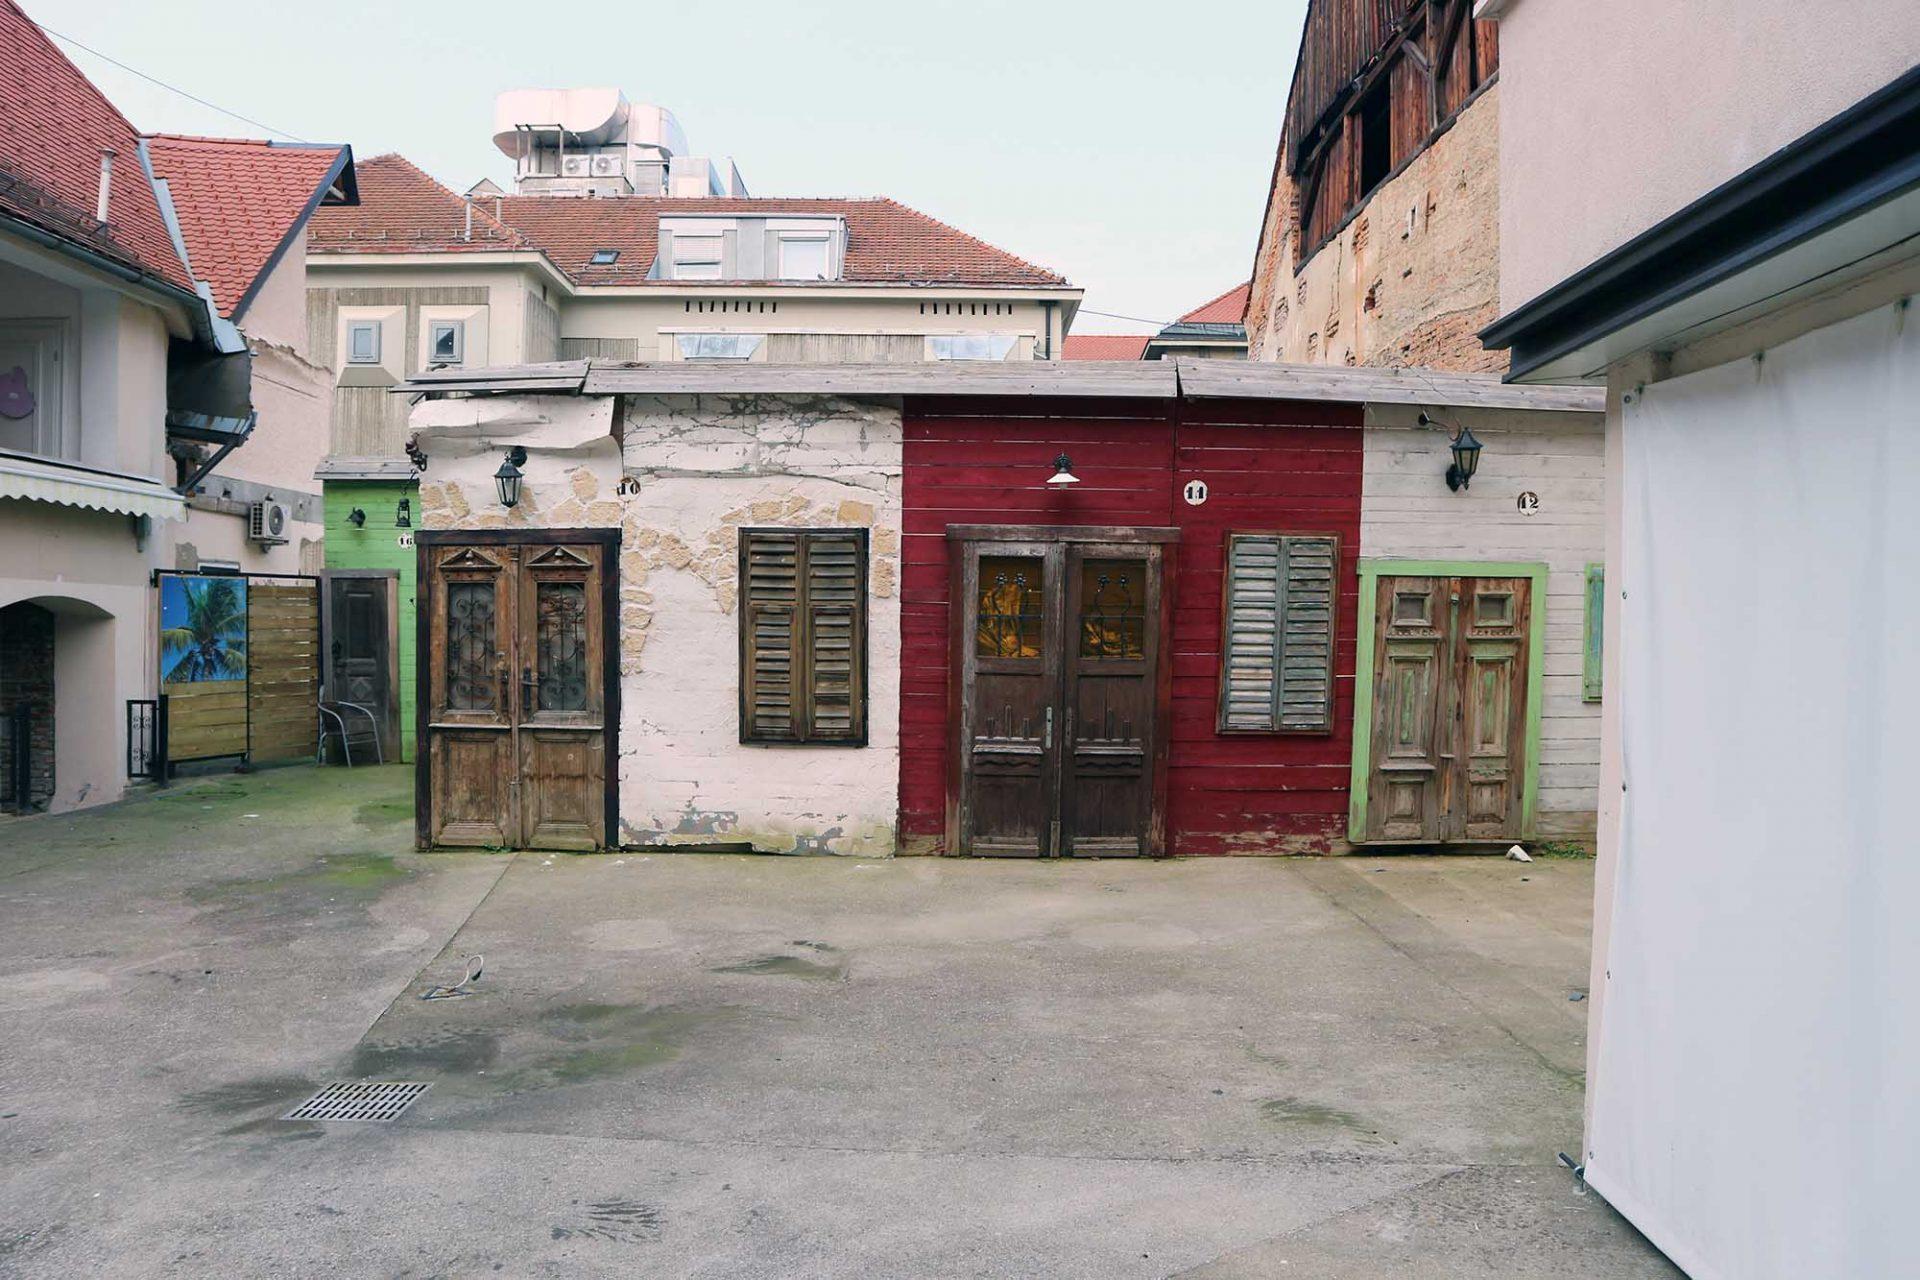 Kleinteilig. Beim Gang durch die Altstadt auch in die Innenhöfe schauen.